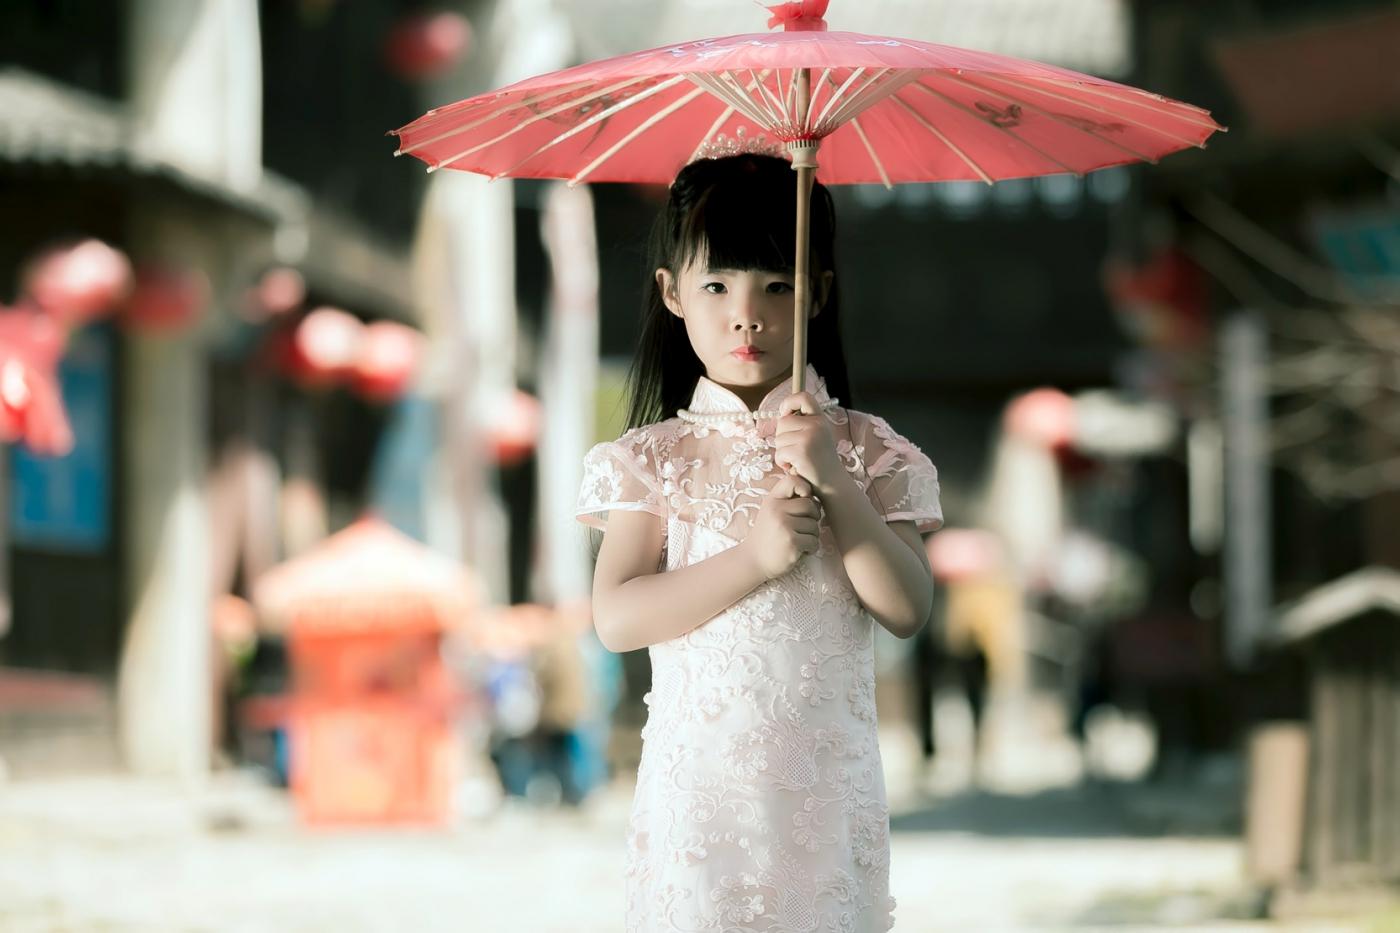 沂蒙娃娃穿上礼服走上show台 有个女孩特别萌 礼仪就要从娃娃抓起 ..._图1-24